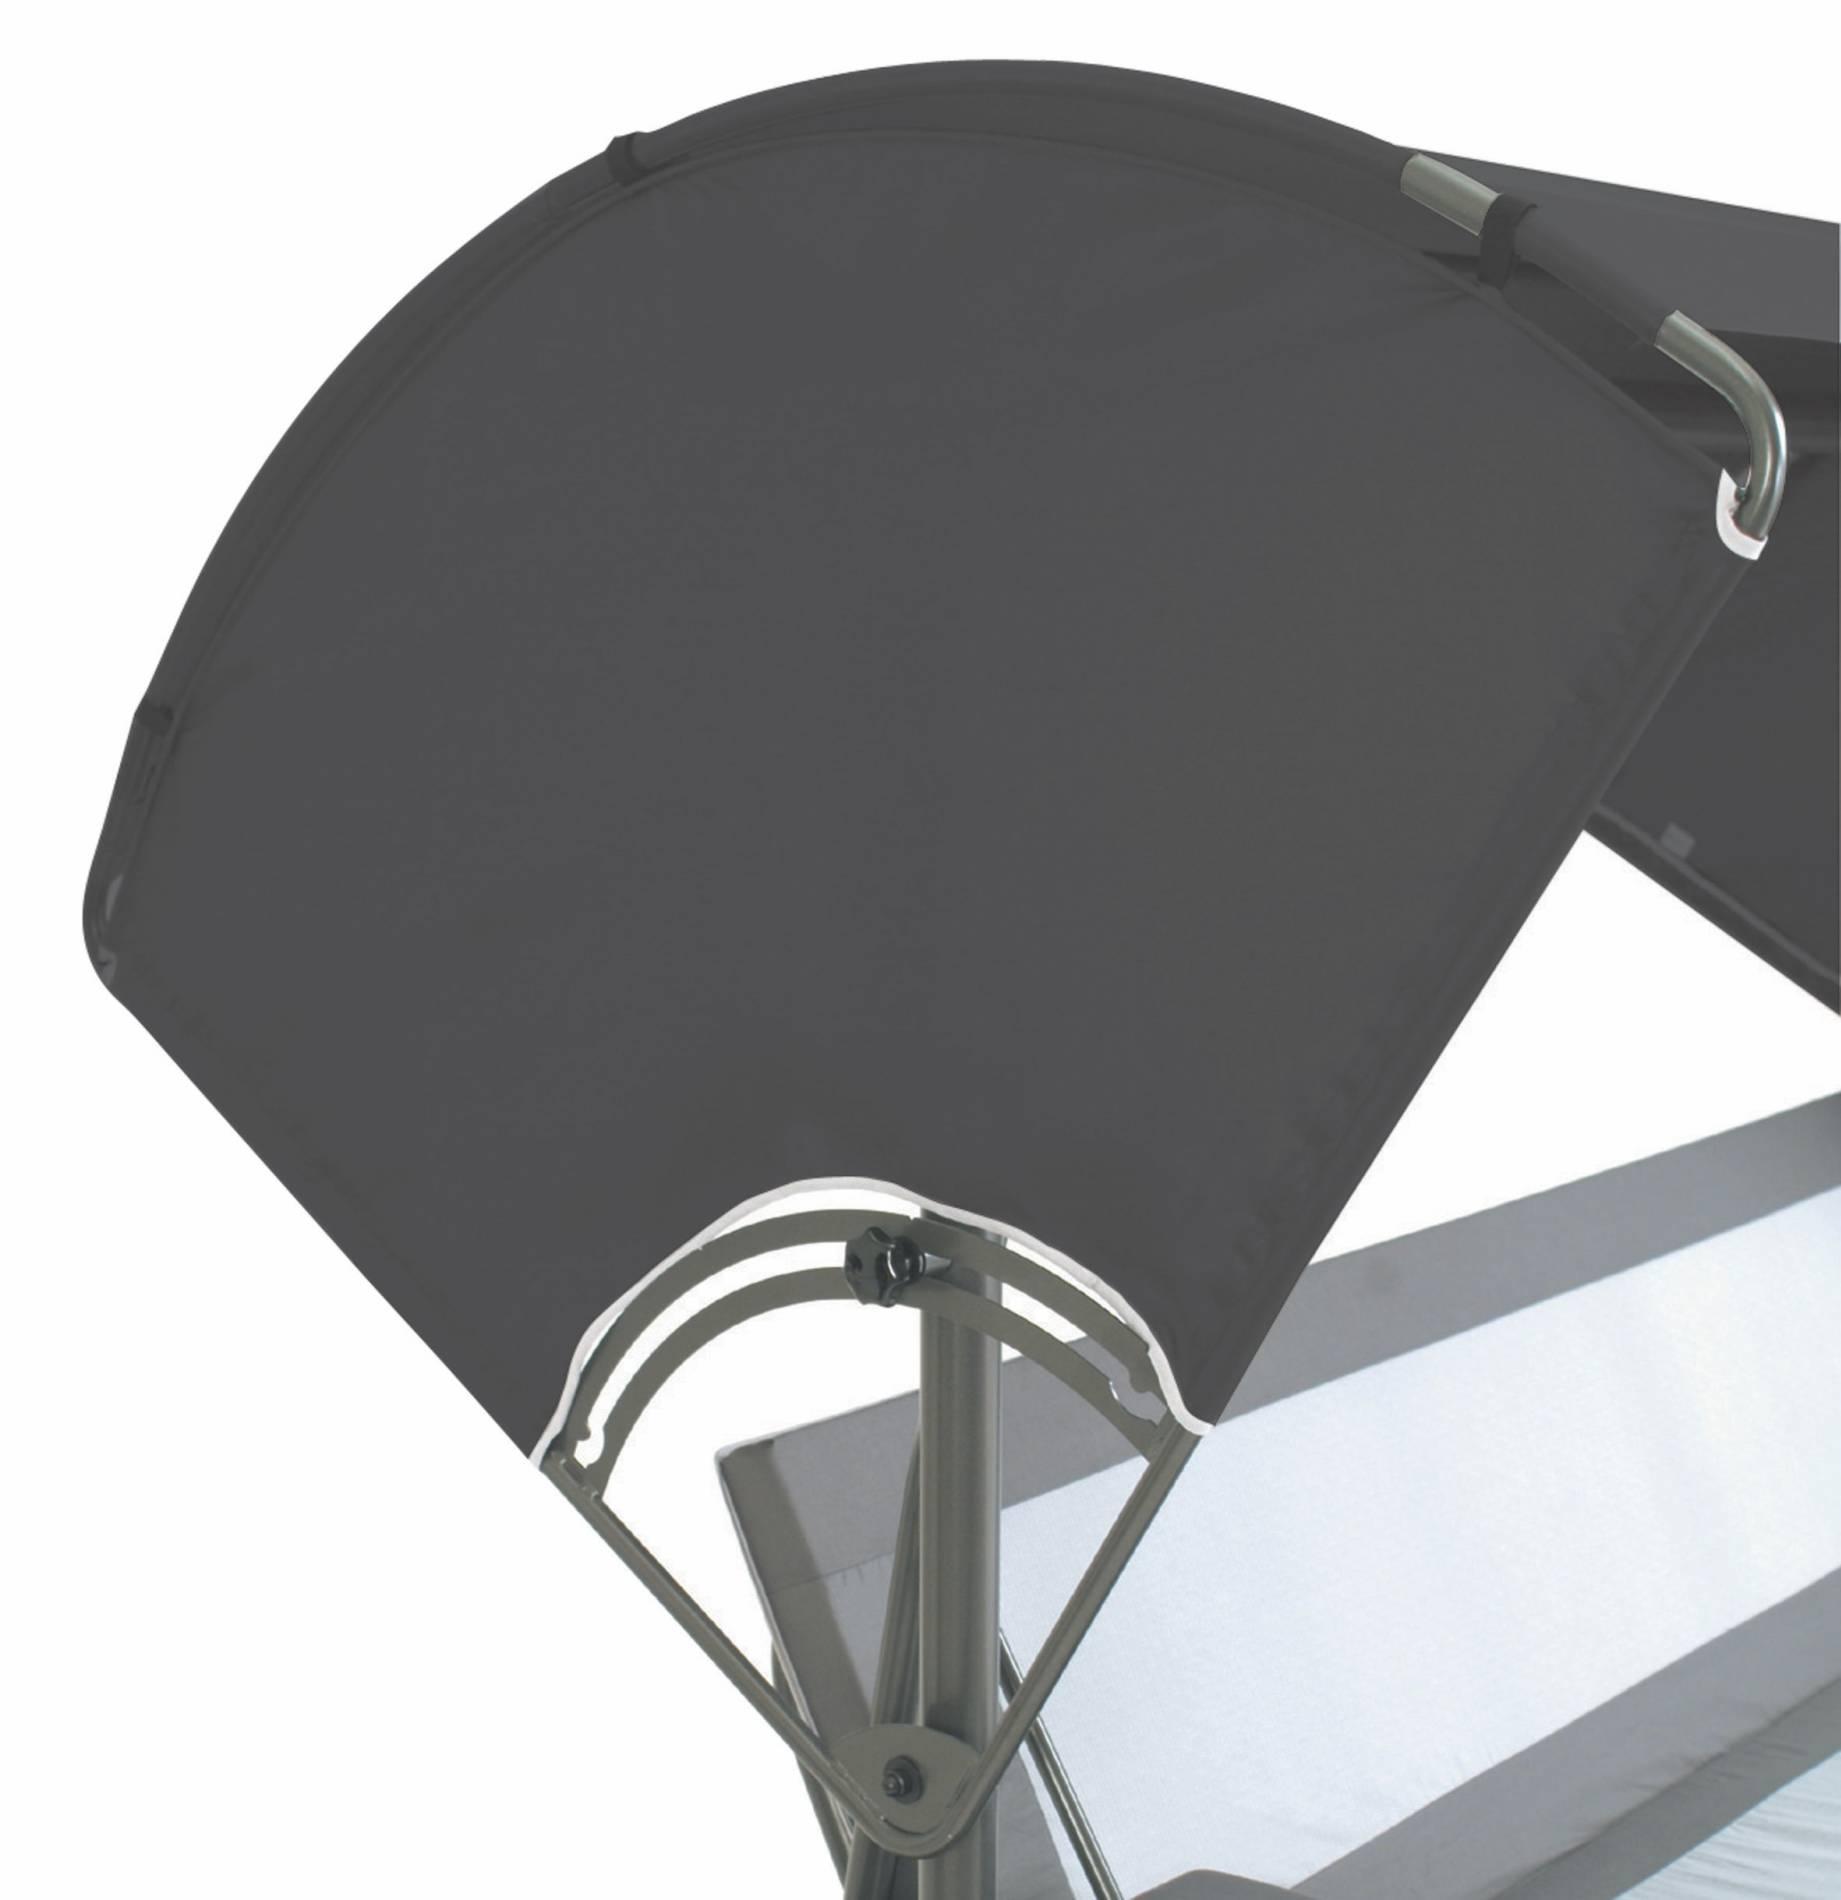 acamp Windschutz 59019 für Liegeschaukel star ab Baujahr 2014